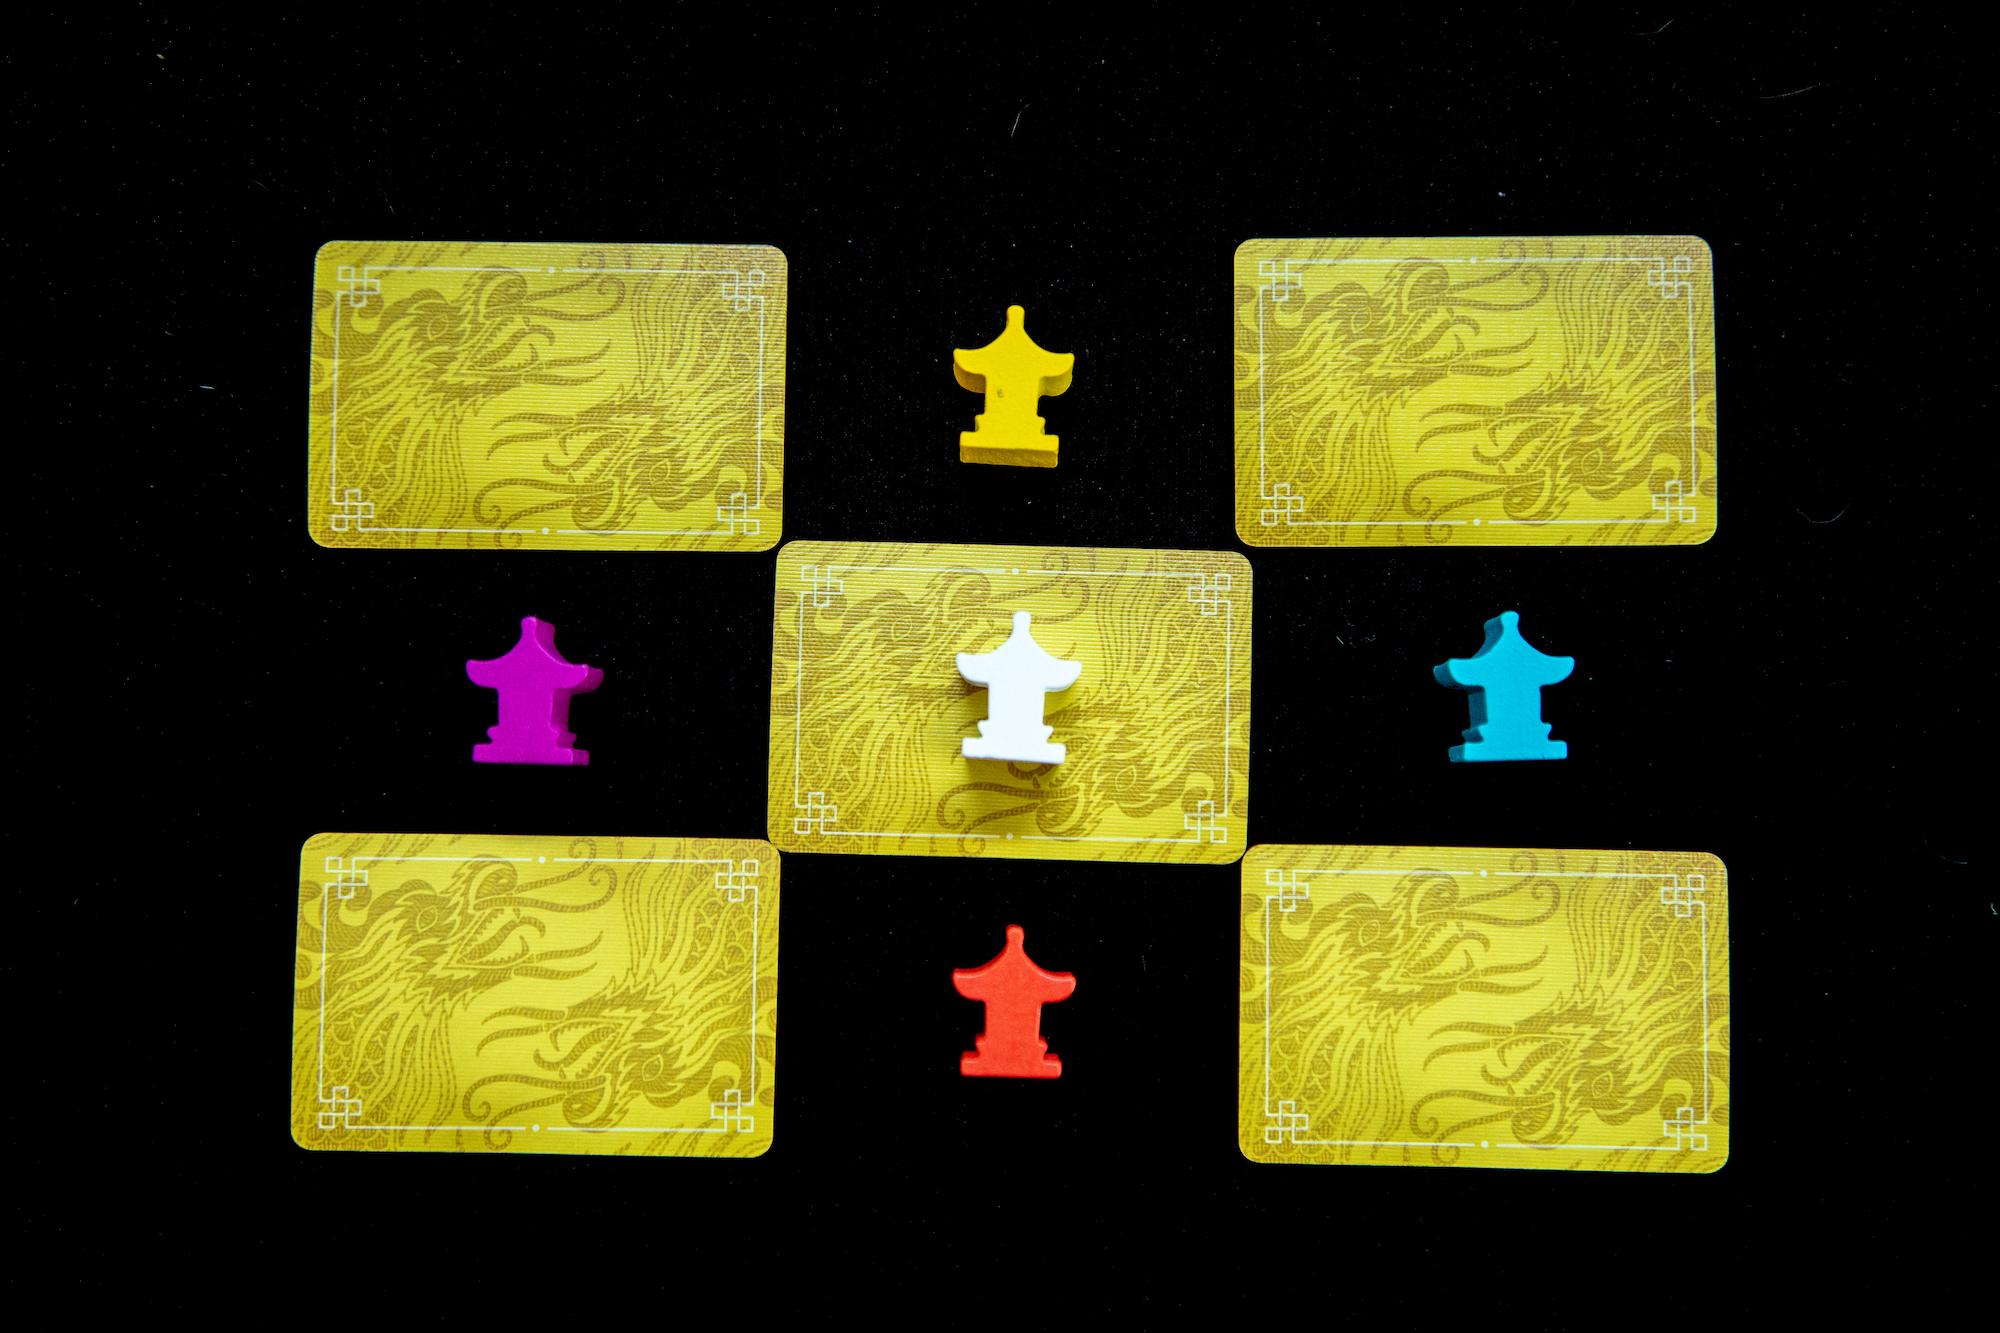 Emperor's_Gifts (4 of 5).jpg